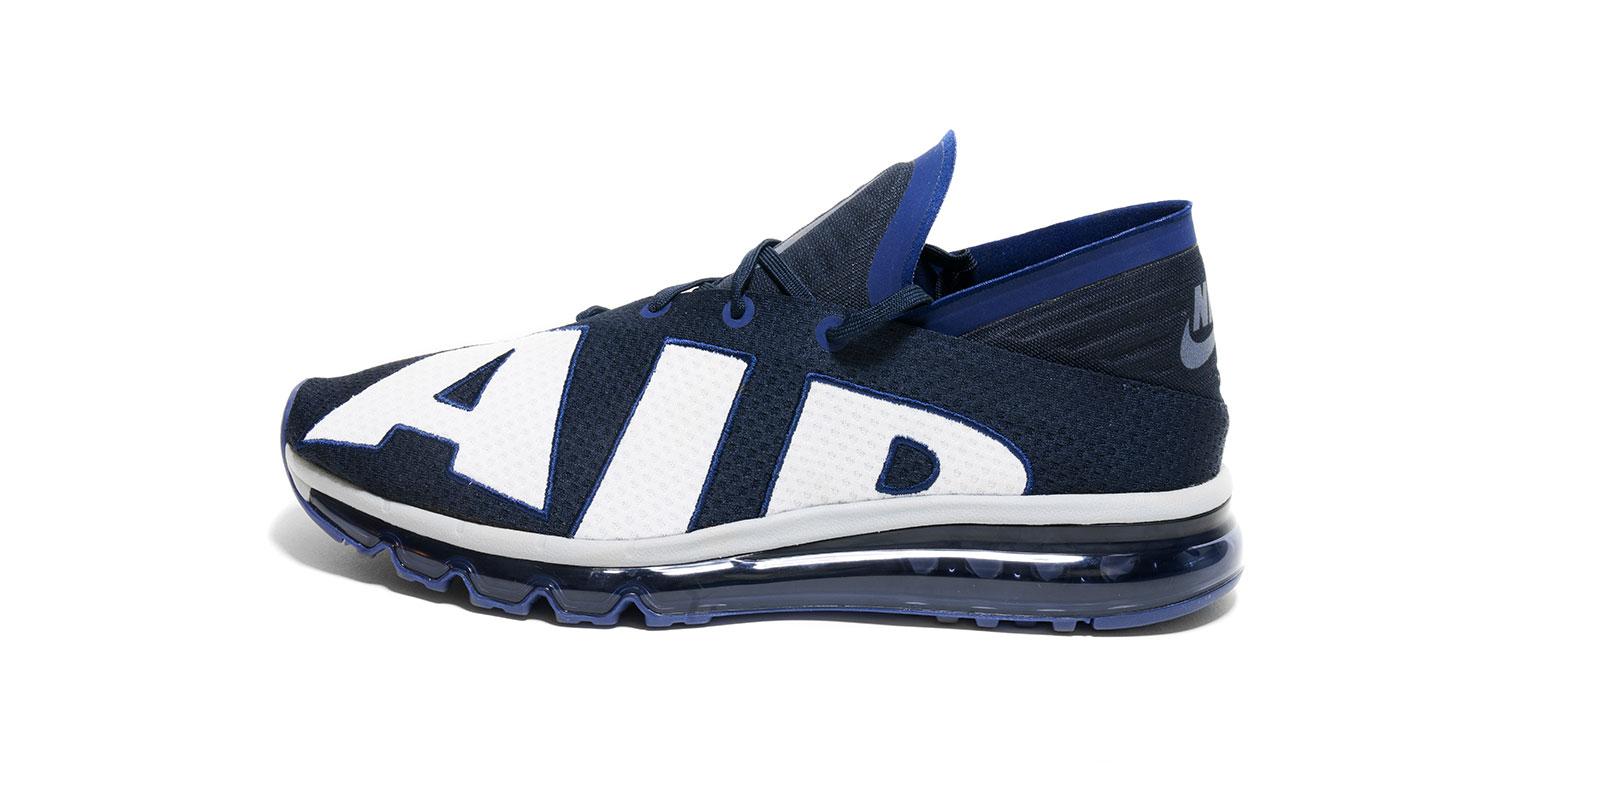 High_1600x800@x3_Nike_Air_Max_Flair_Blue_White